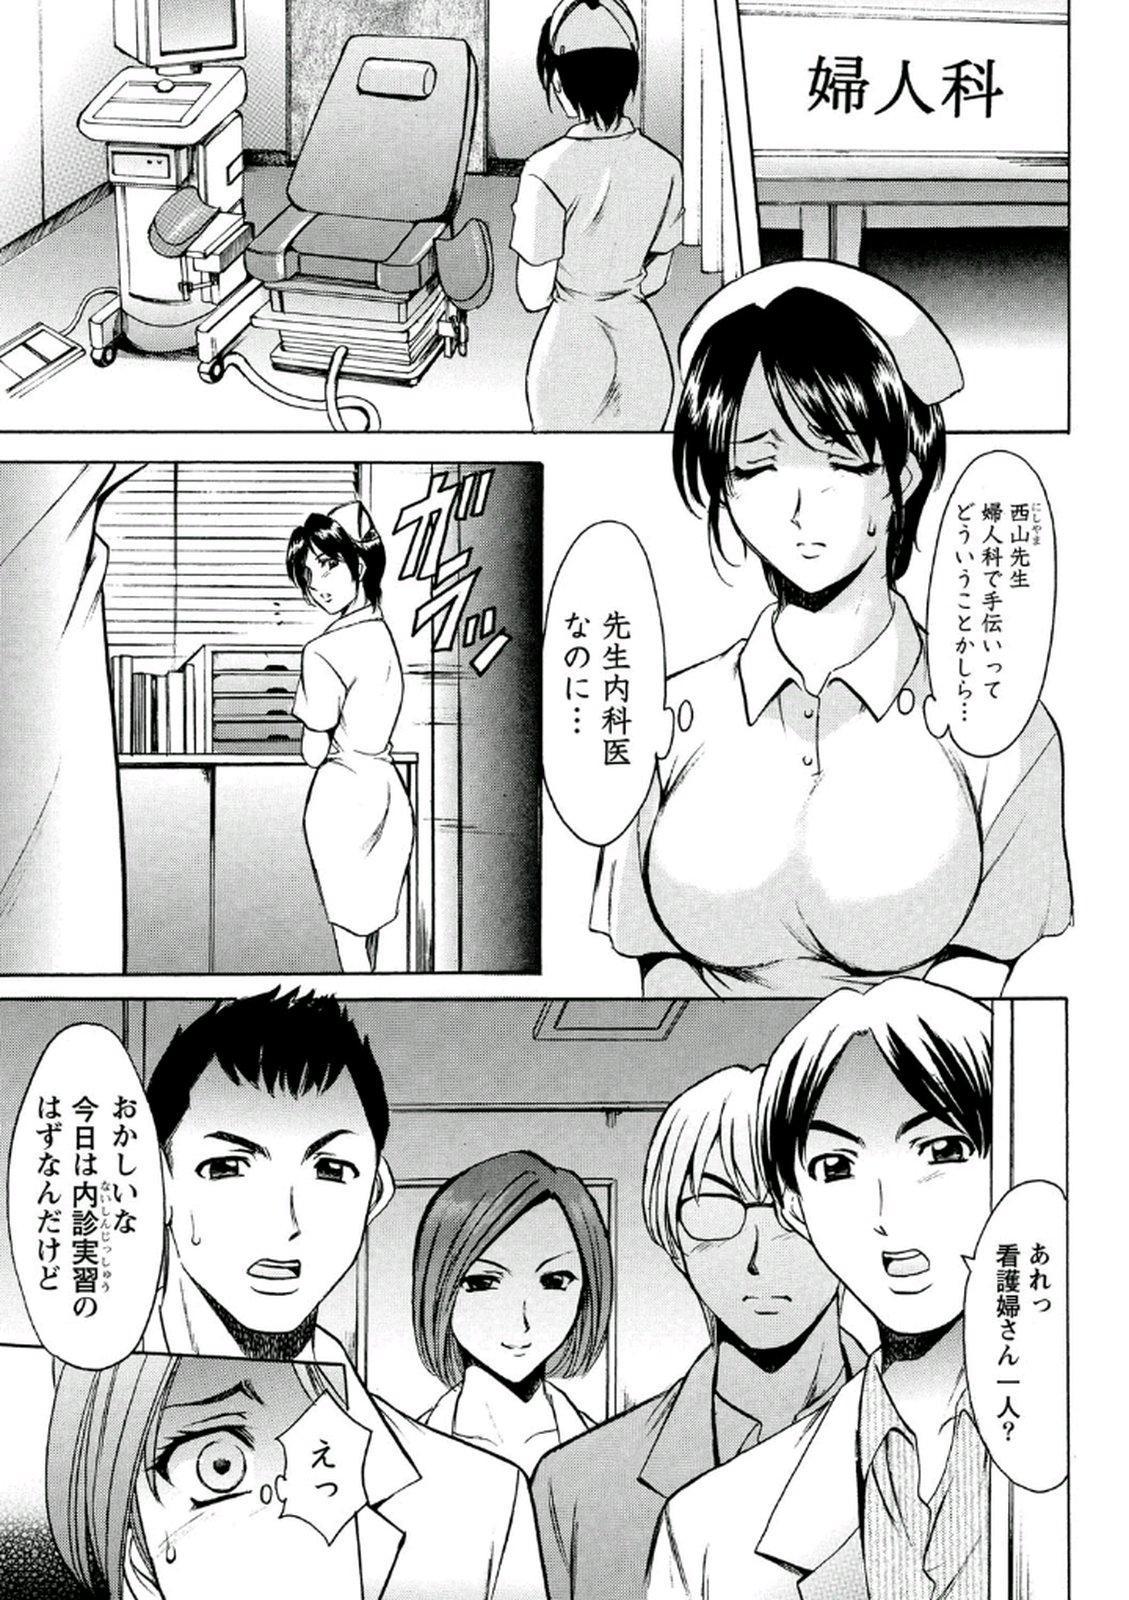 Chijoku Byoutou 27